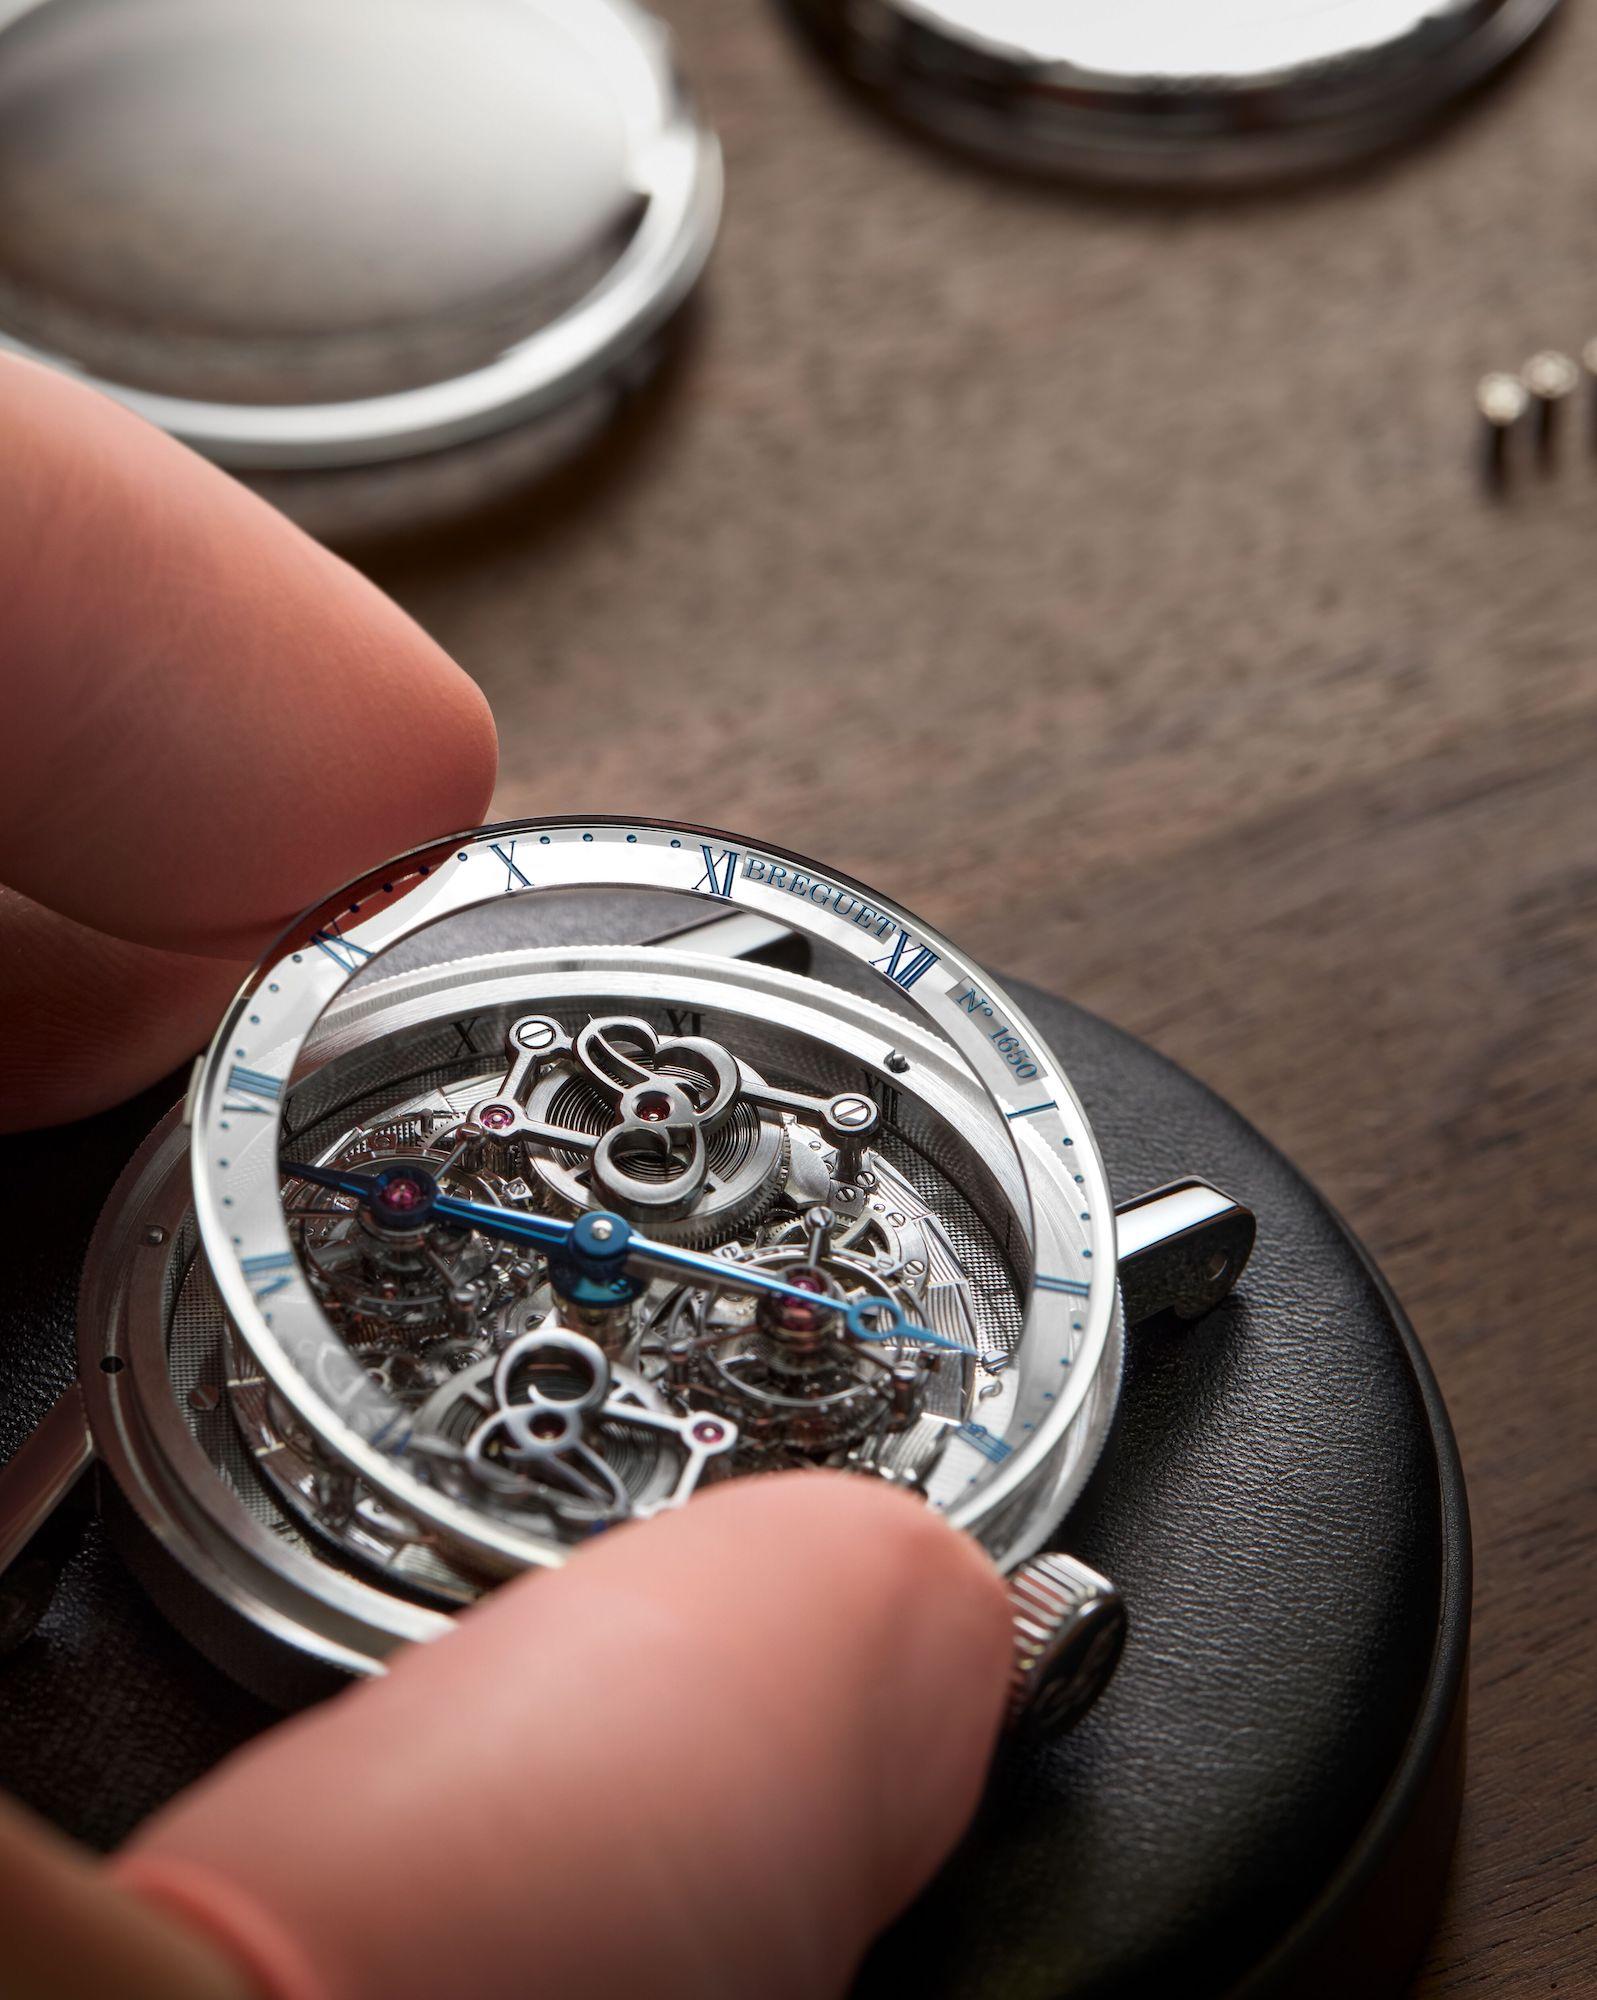 Breguet Classique Double Tourbillon Quai de l'Horloge 5345 Anidando